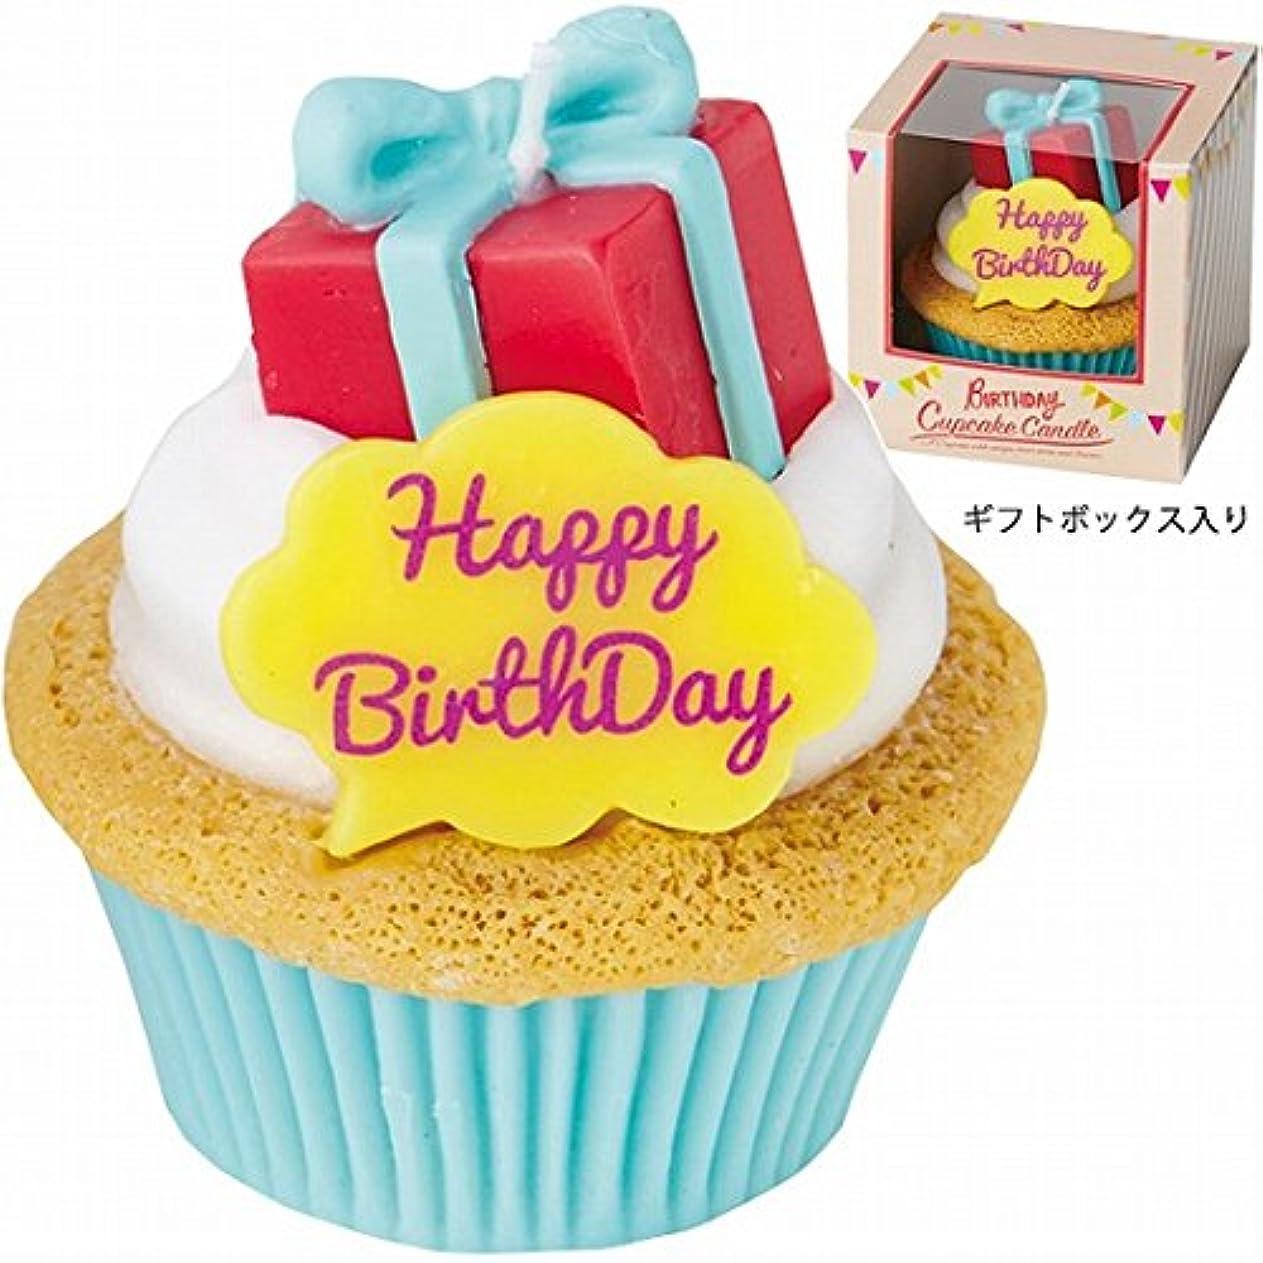 聖書空気亡命カメヤマキャンドル(kameyama candle) バースデーカップケーキキャンドル 「プレゼント」6個セット